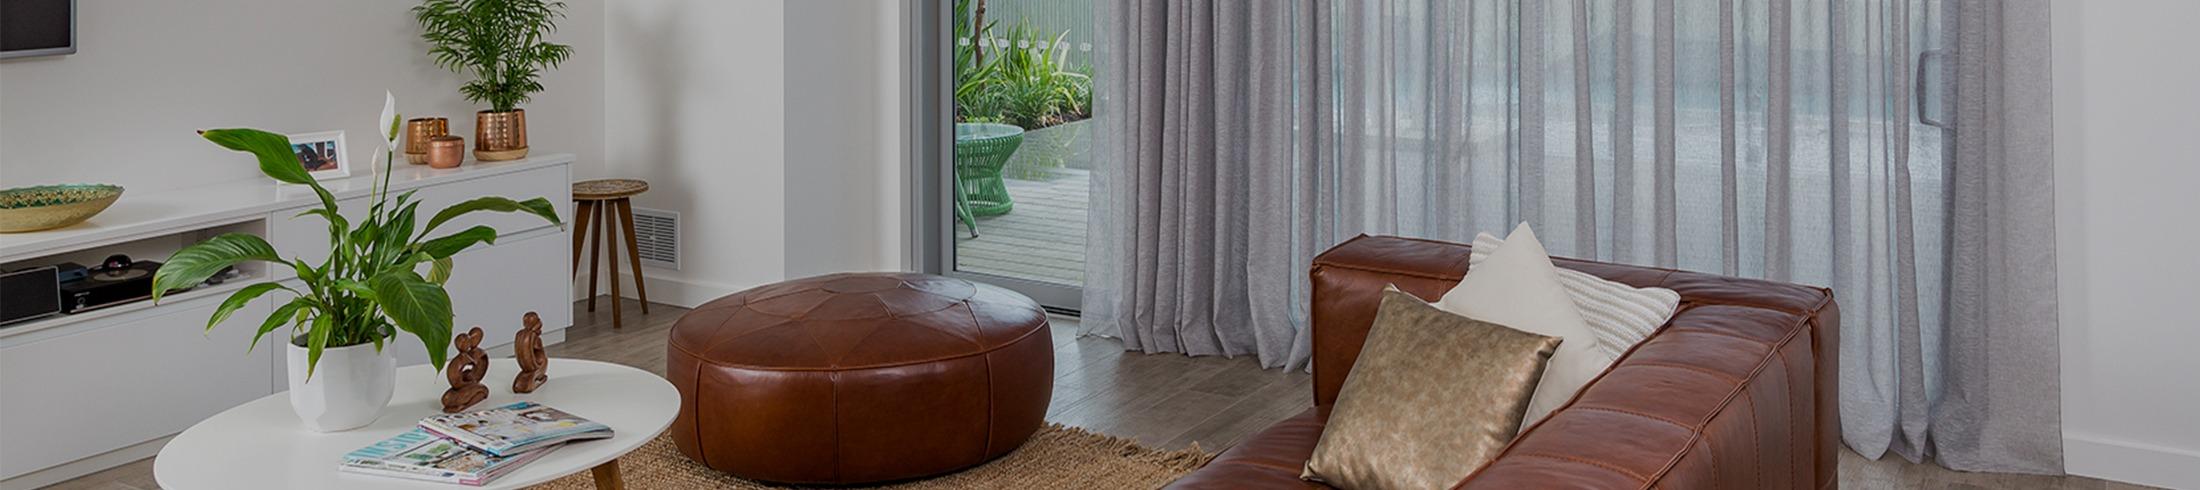 indoor curtains 02